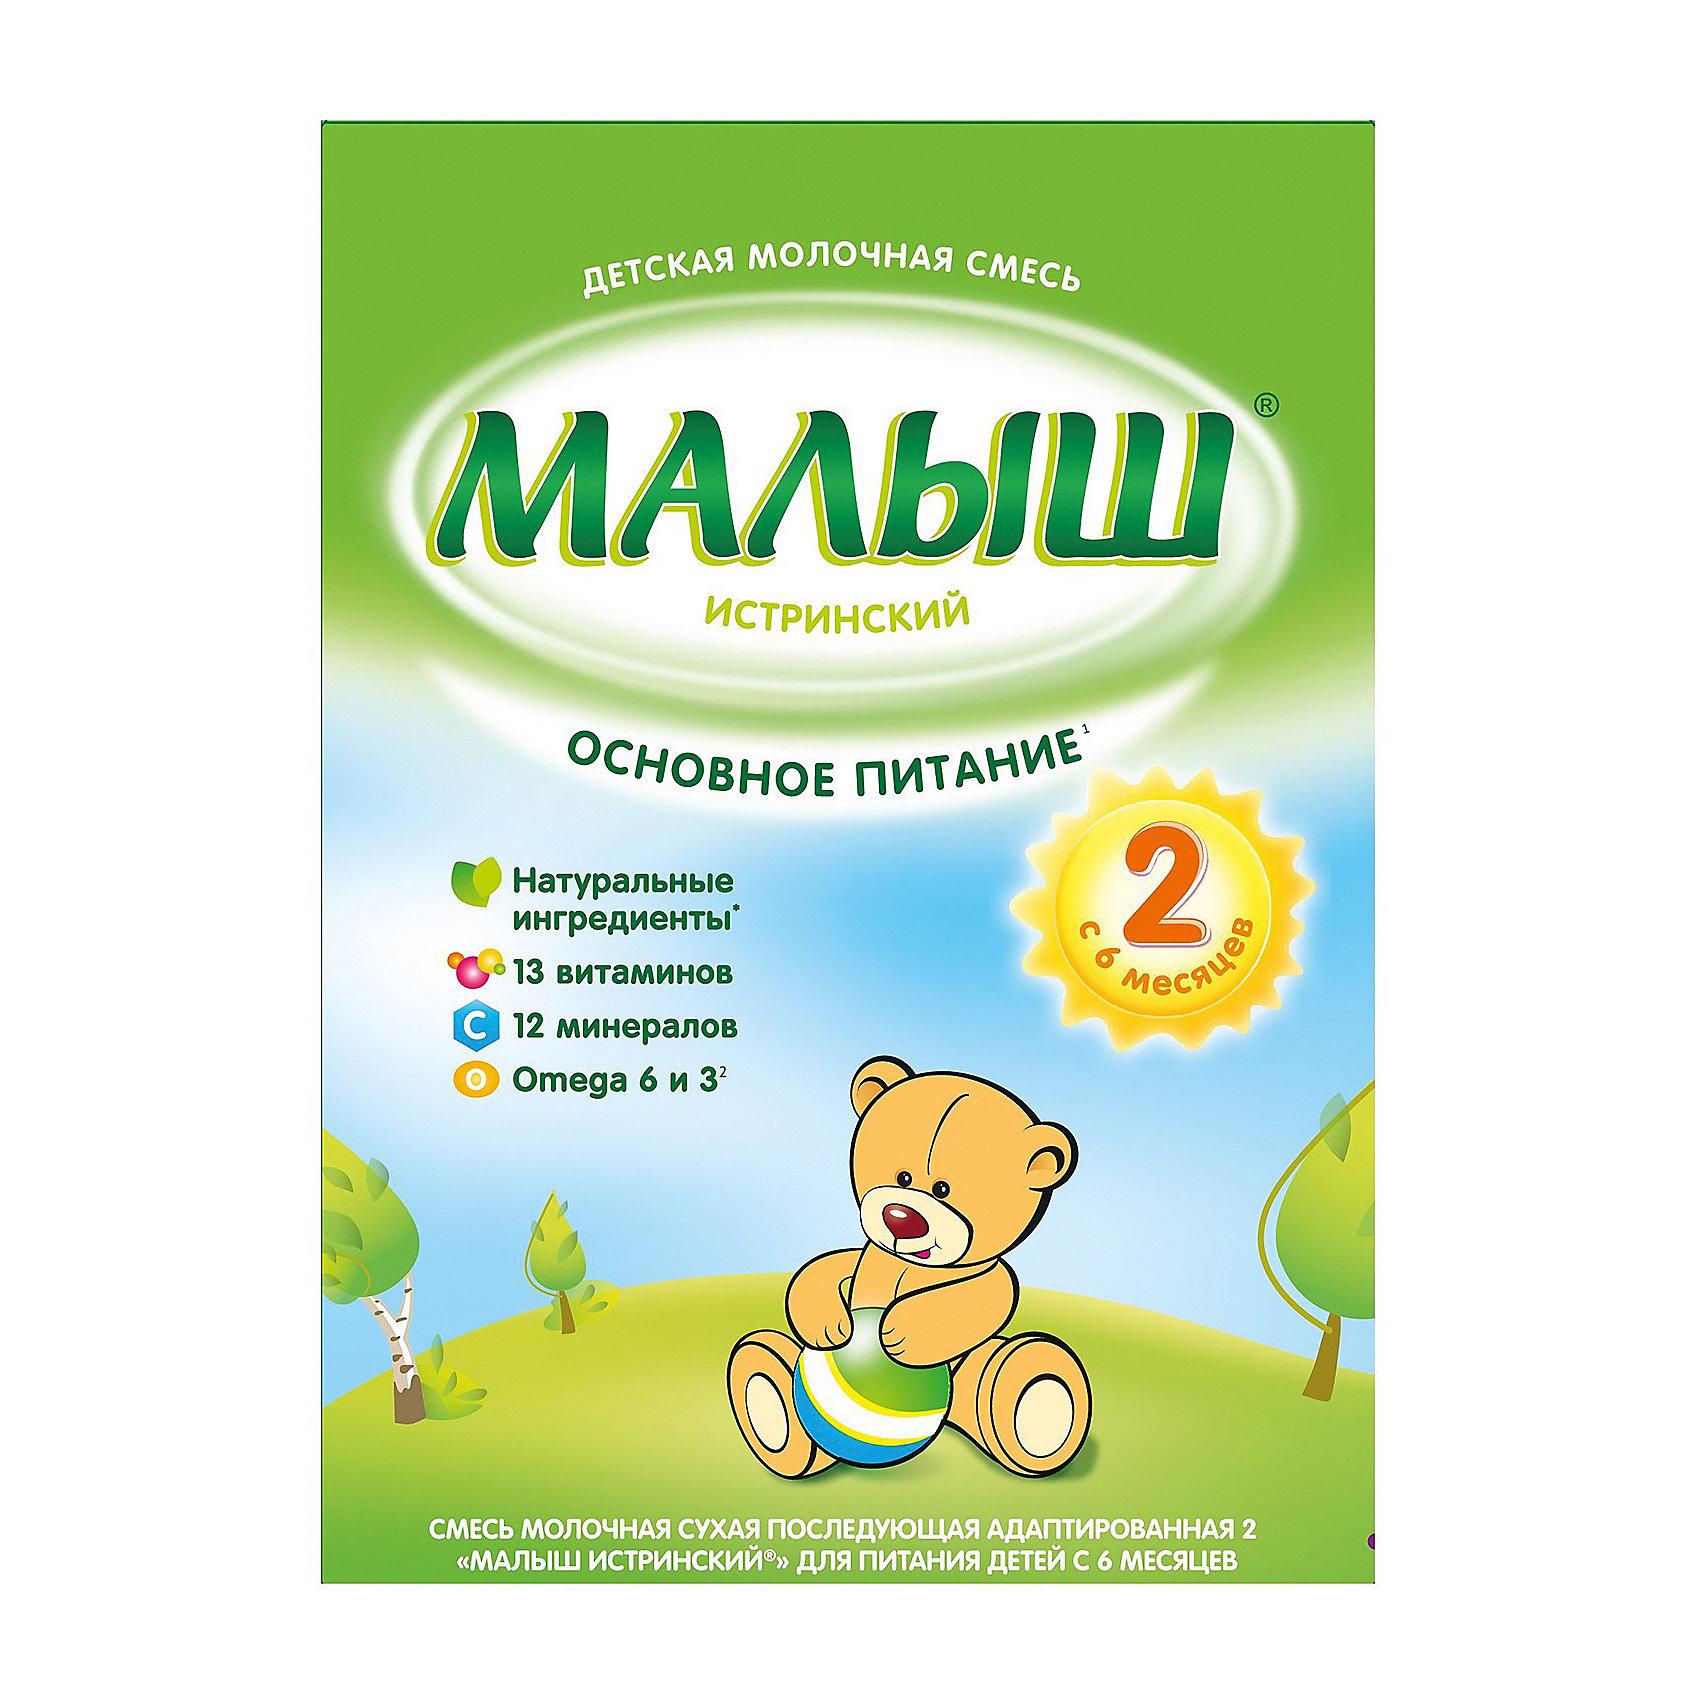 Обзор молочных смесей малыш истринский: состав детского питания для детей с рождения